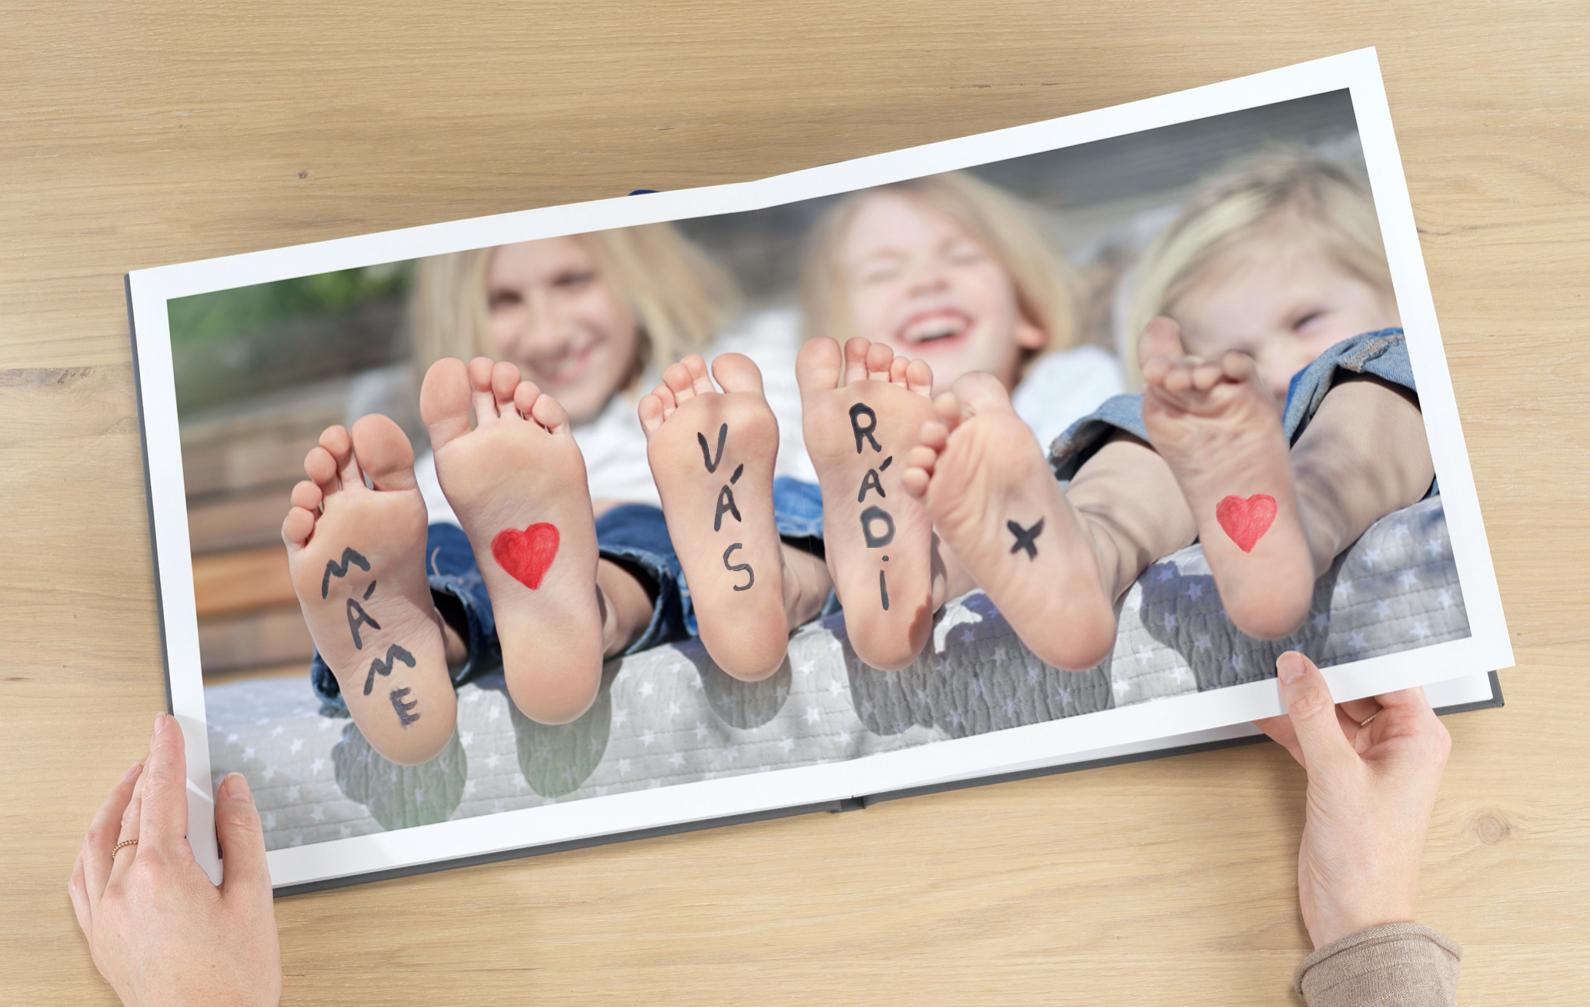 cele fotokniha, děti, xl kniha, formát XL, čtvercová fotokniha